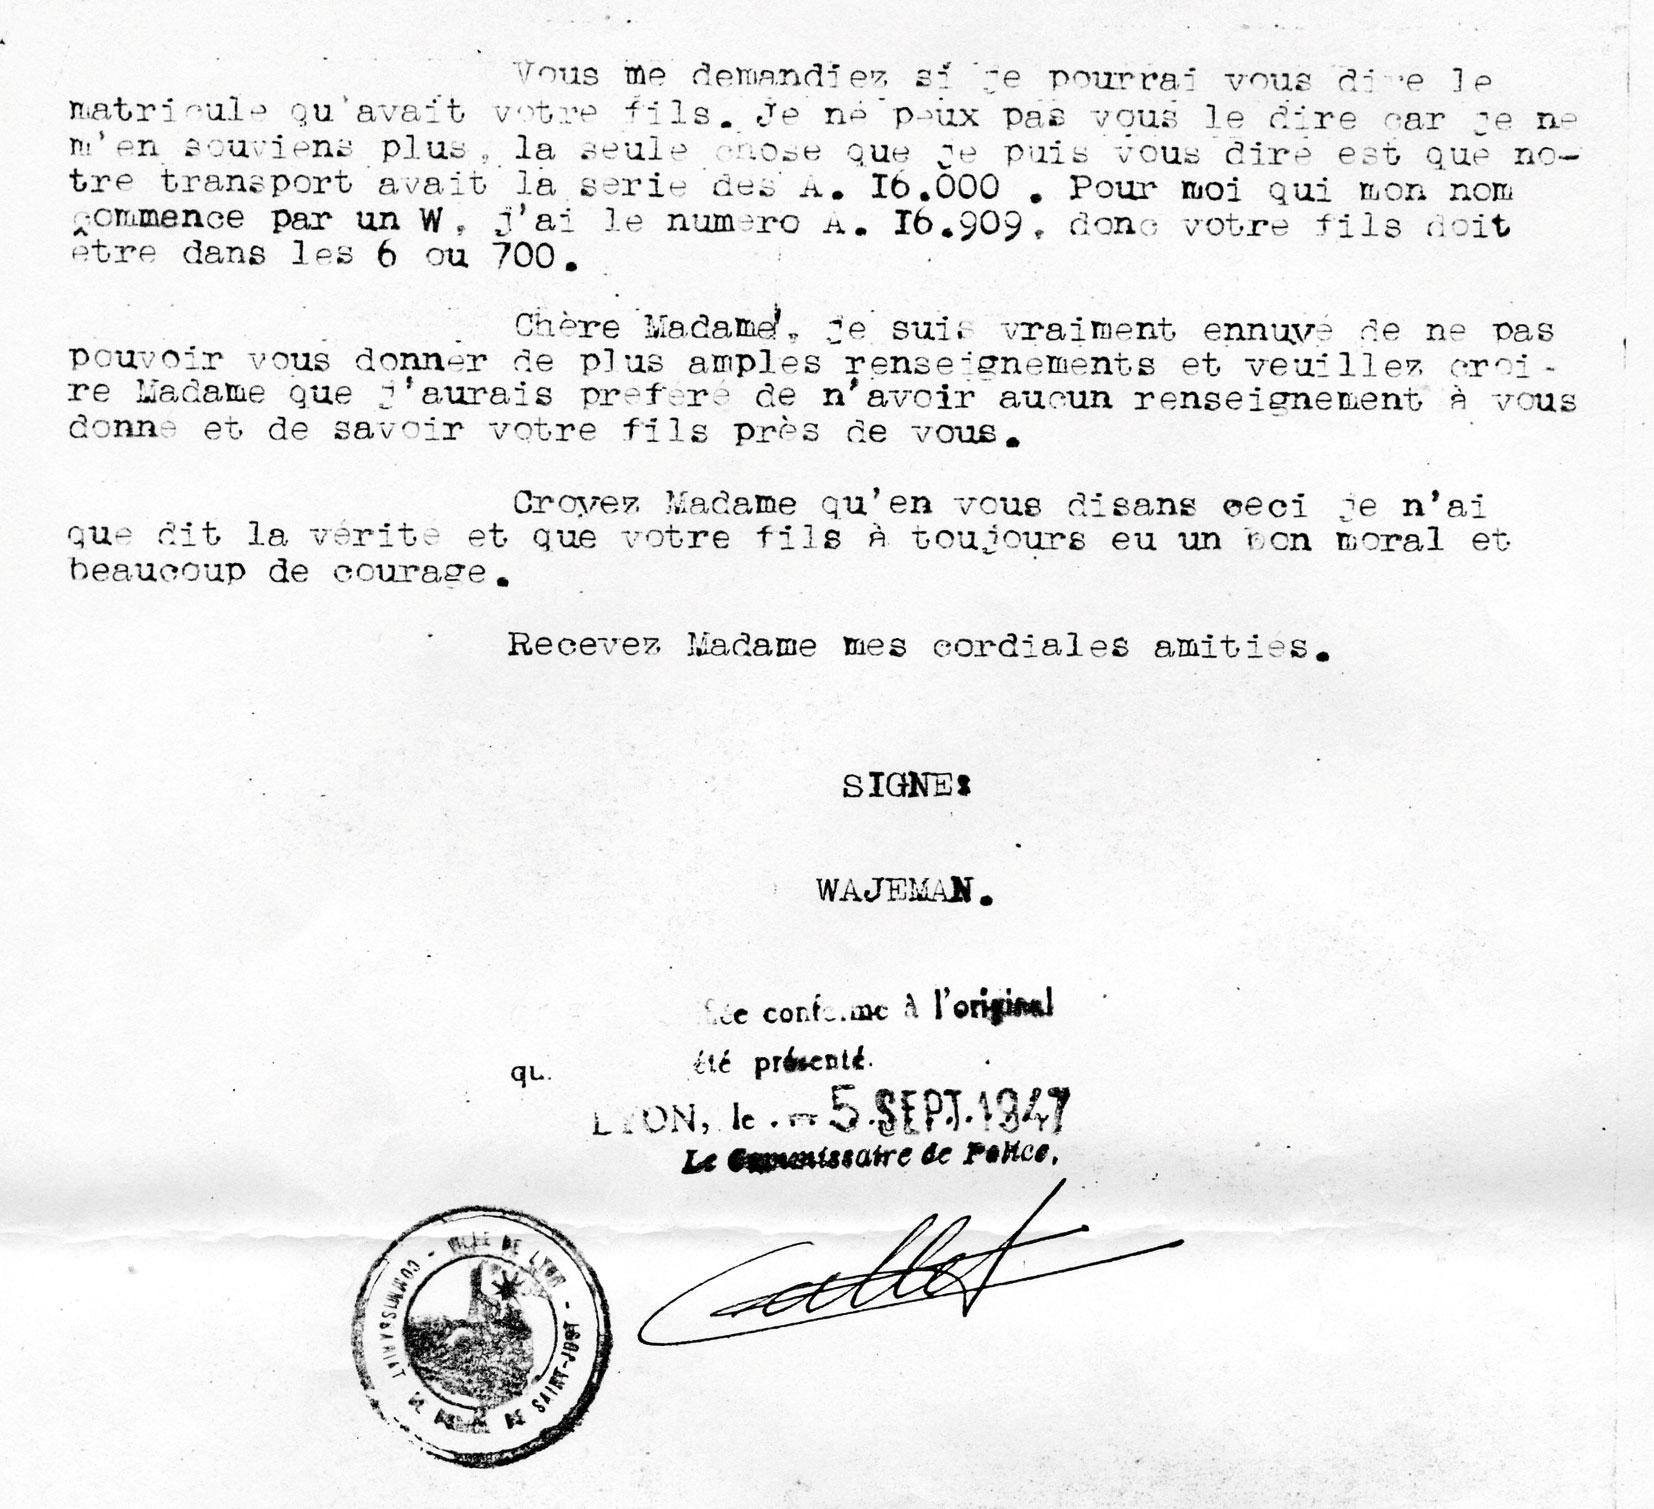 Lettre de témoignage de Wajeman à propos de Charles, page 3, Mechally, Saint-Fons